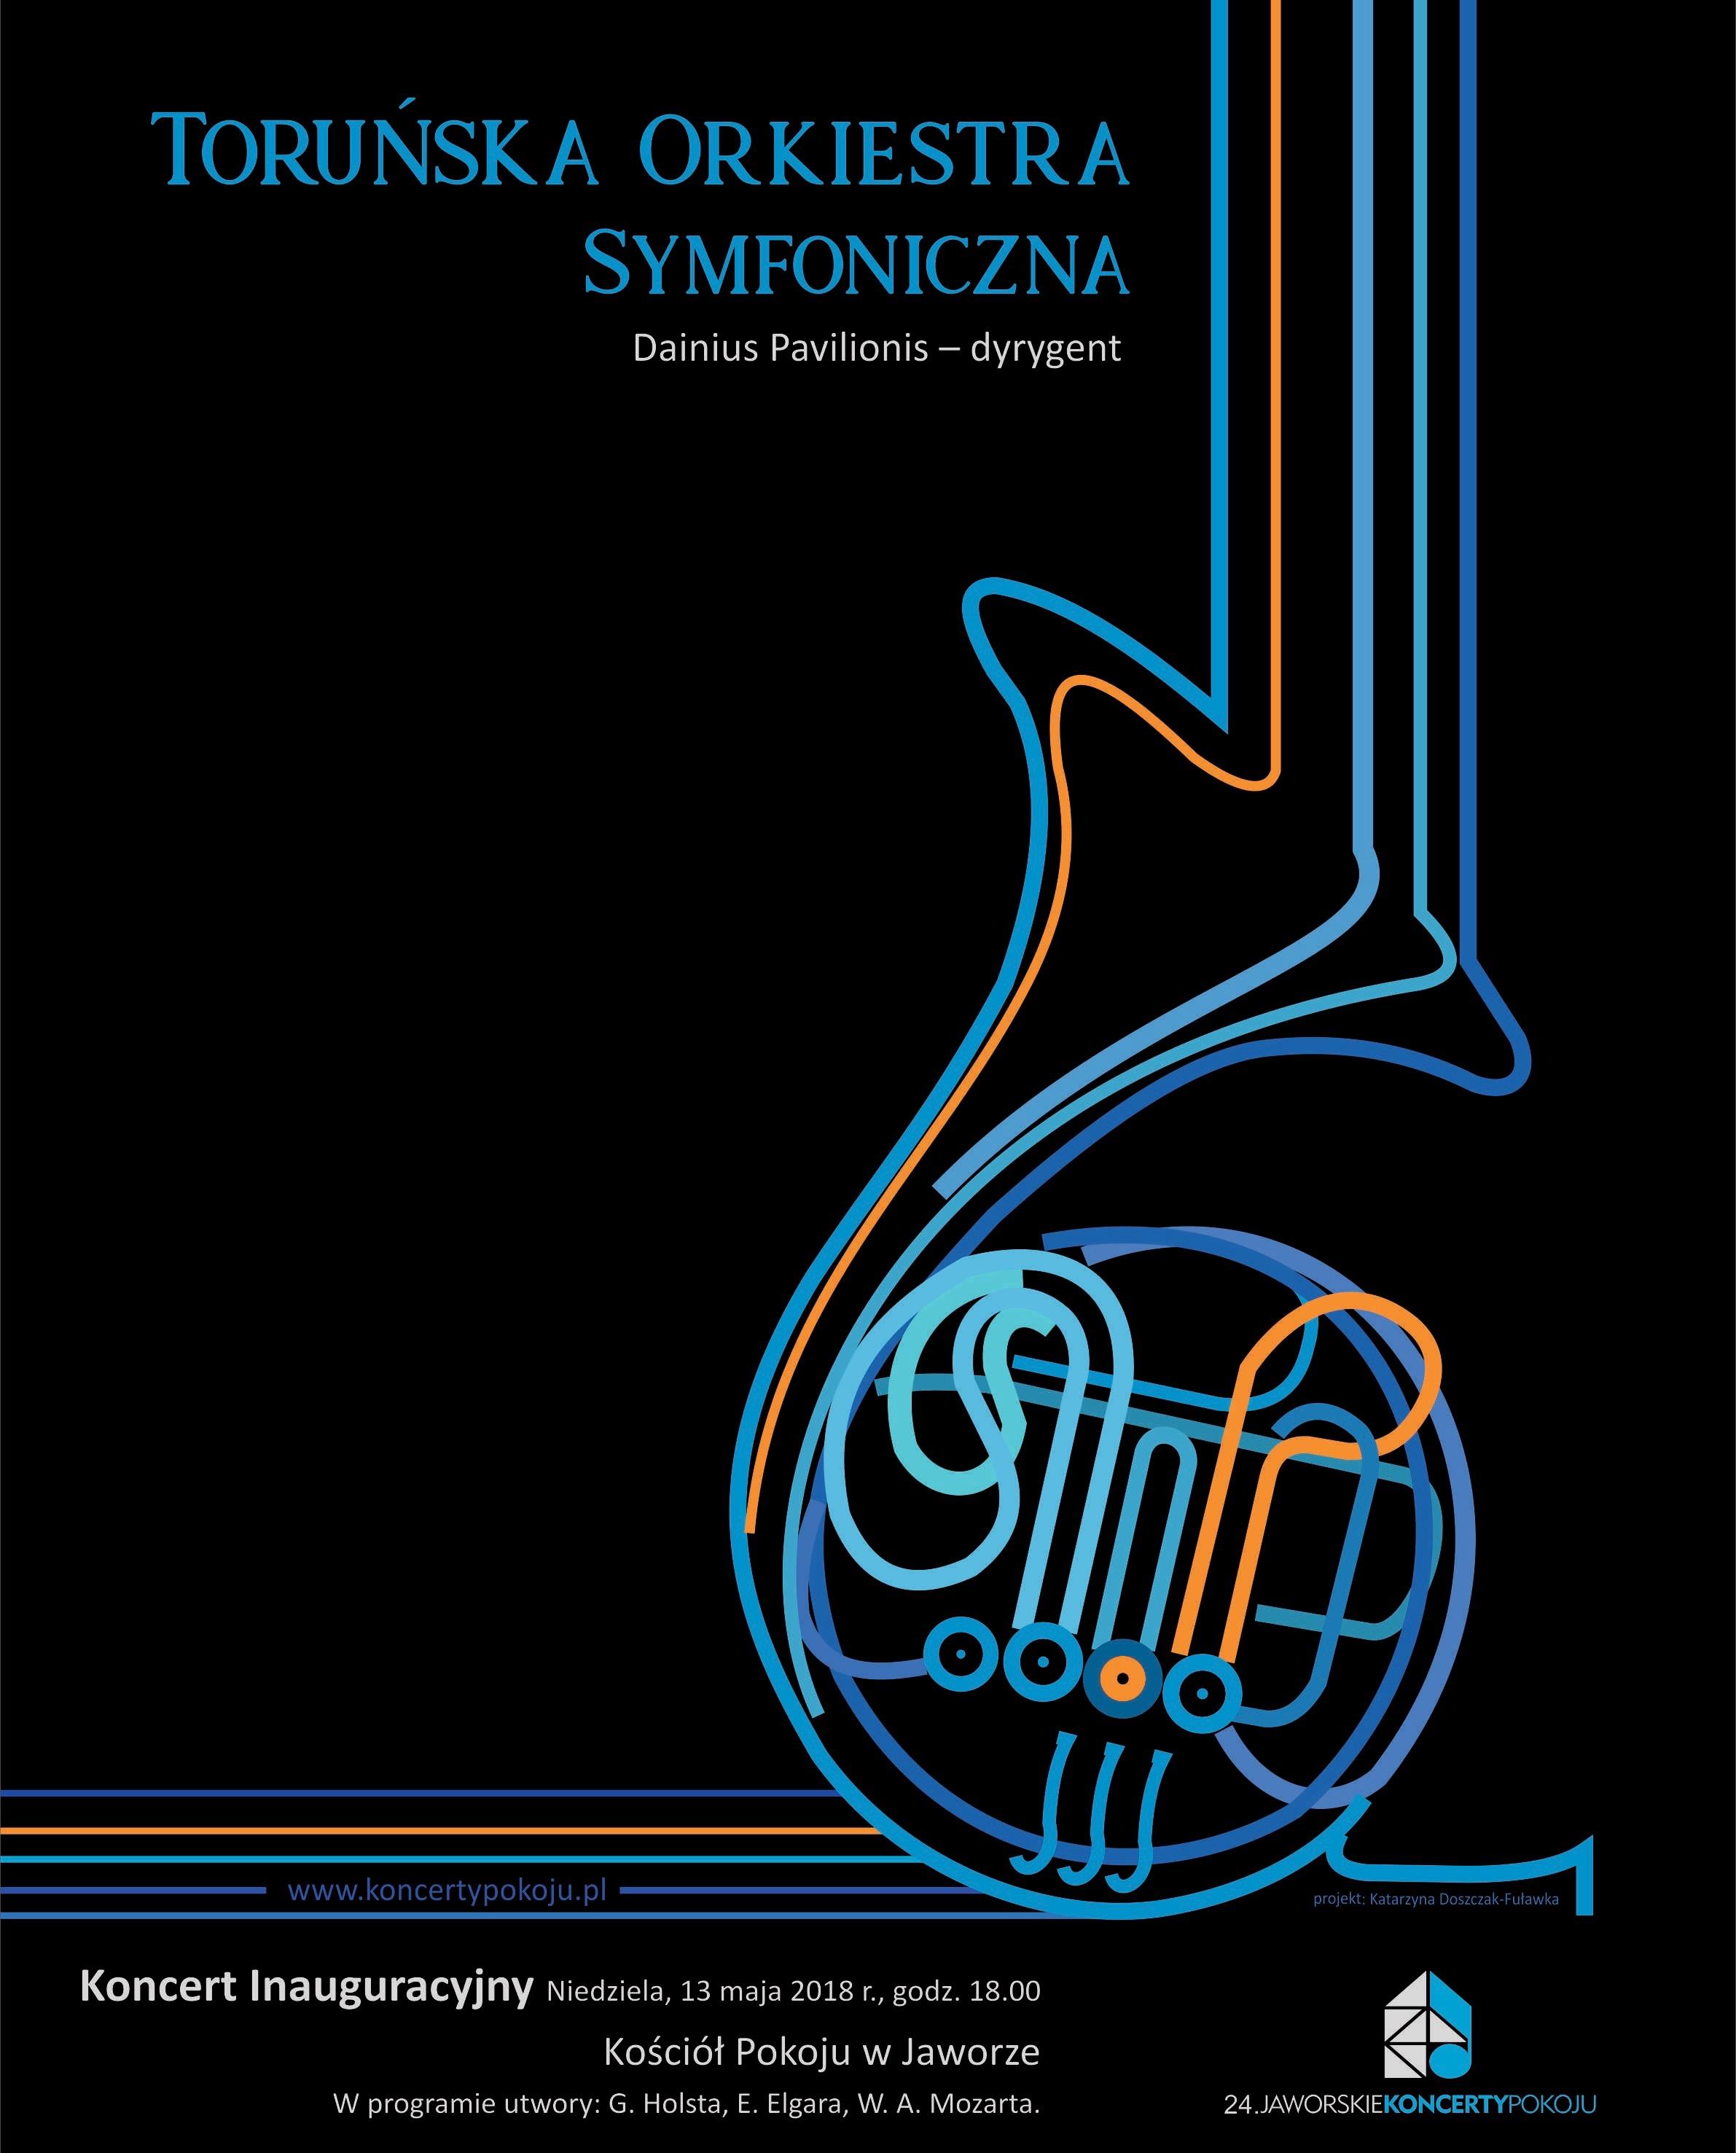 Jaworskie Koncerty Pokoju, Toruńska Orkiestra Symfoniczna, plakat (źródło: materiały prasowe organizatora)